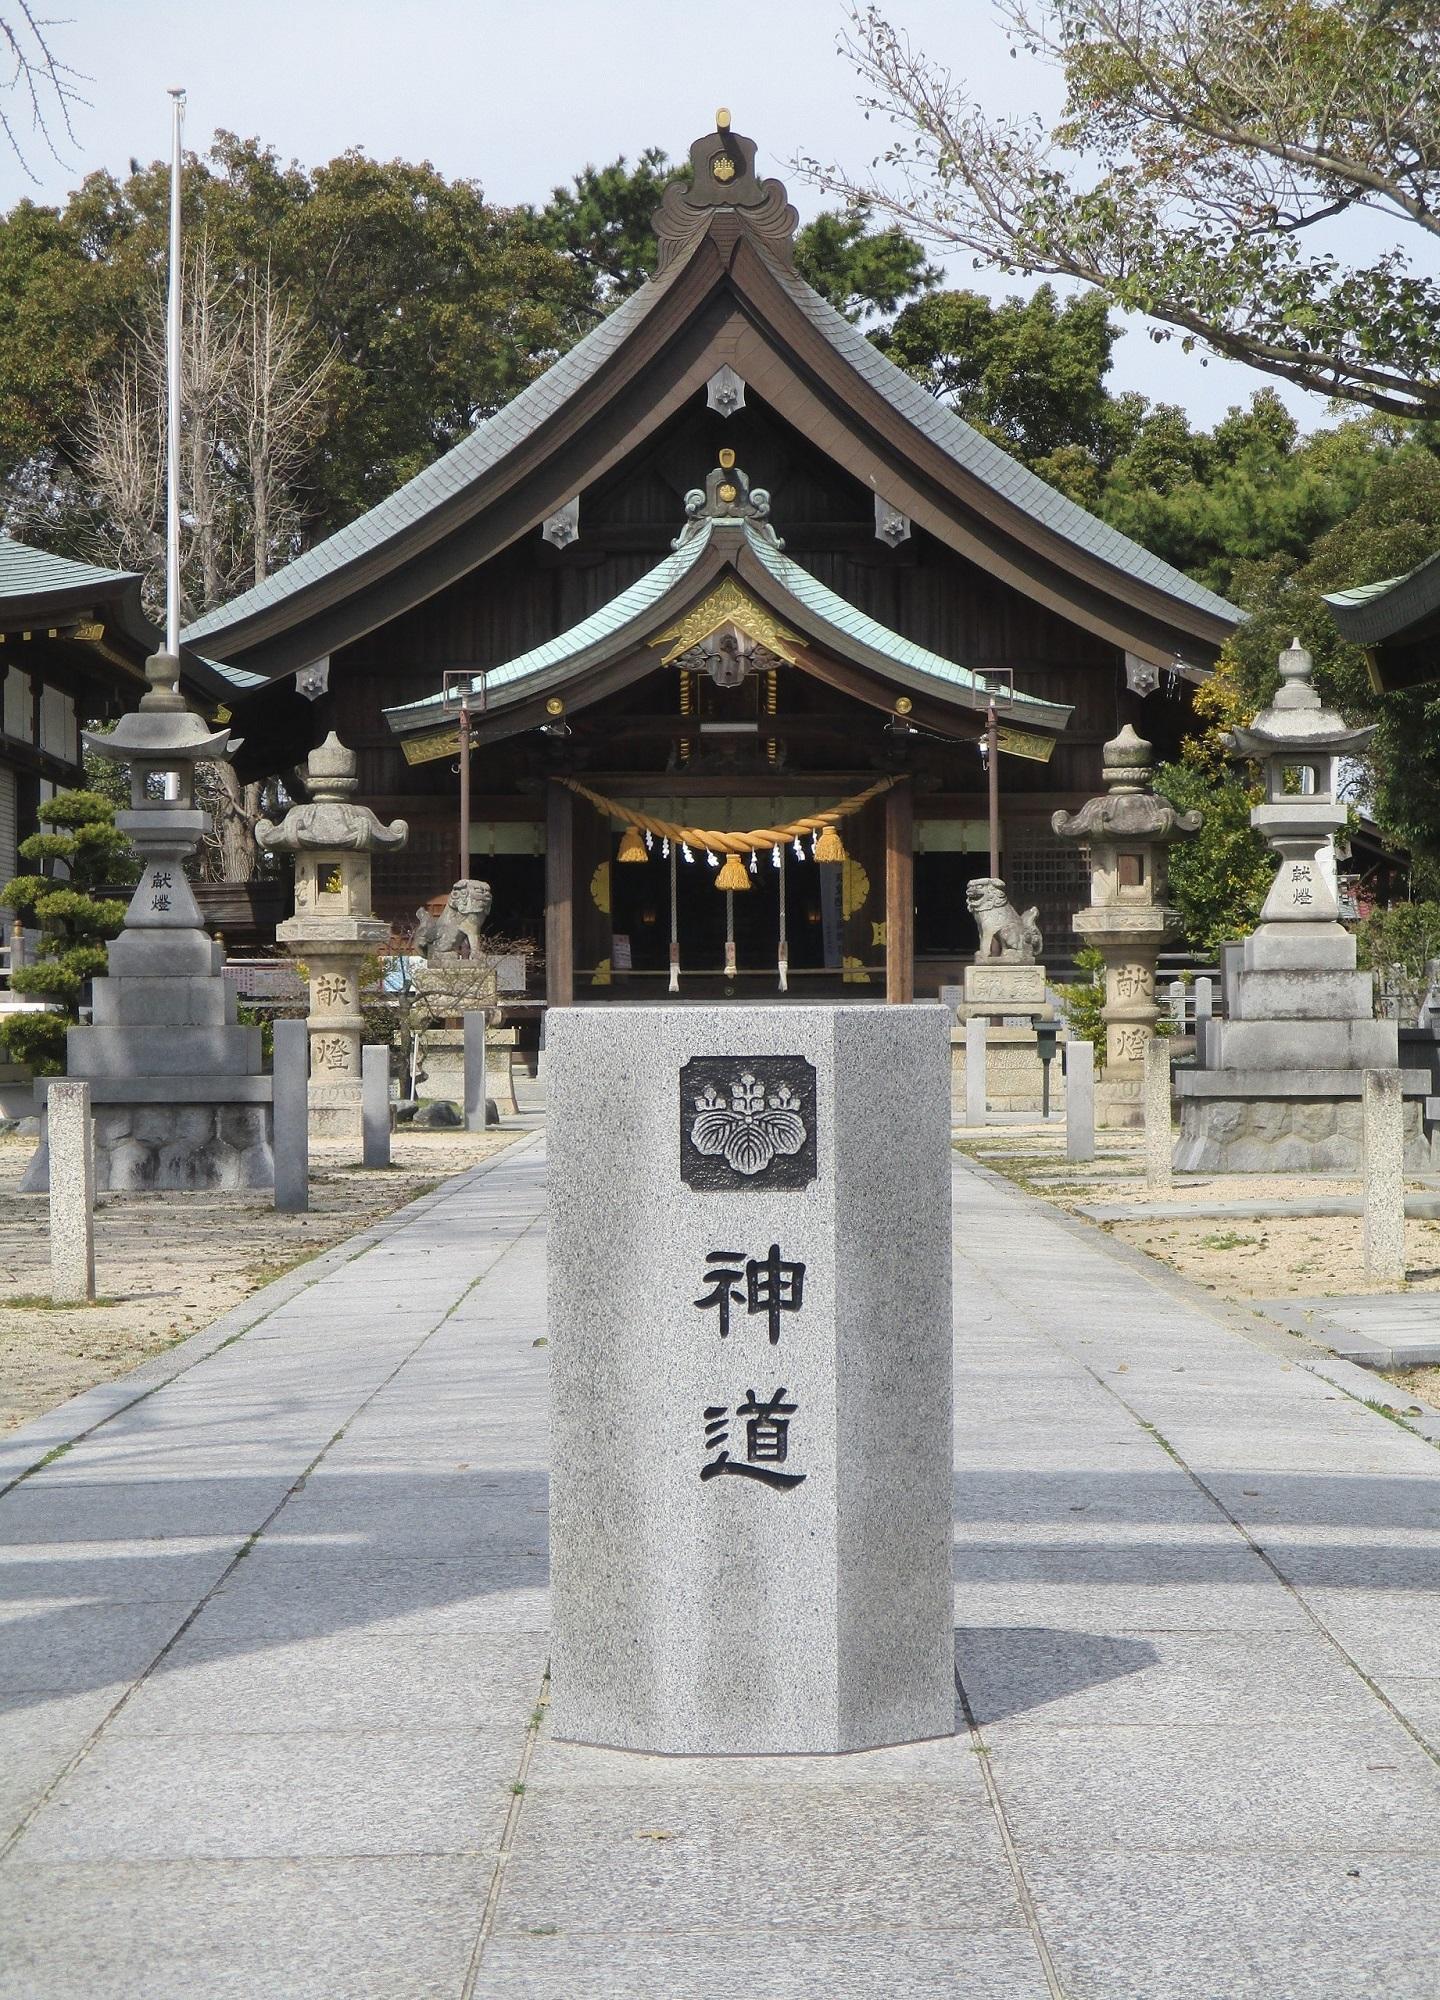 2020.3.13 (57) 寺津八幡社 1440-2000